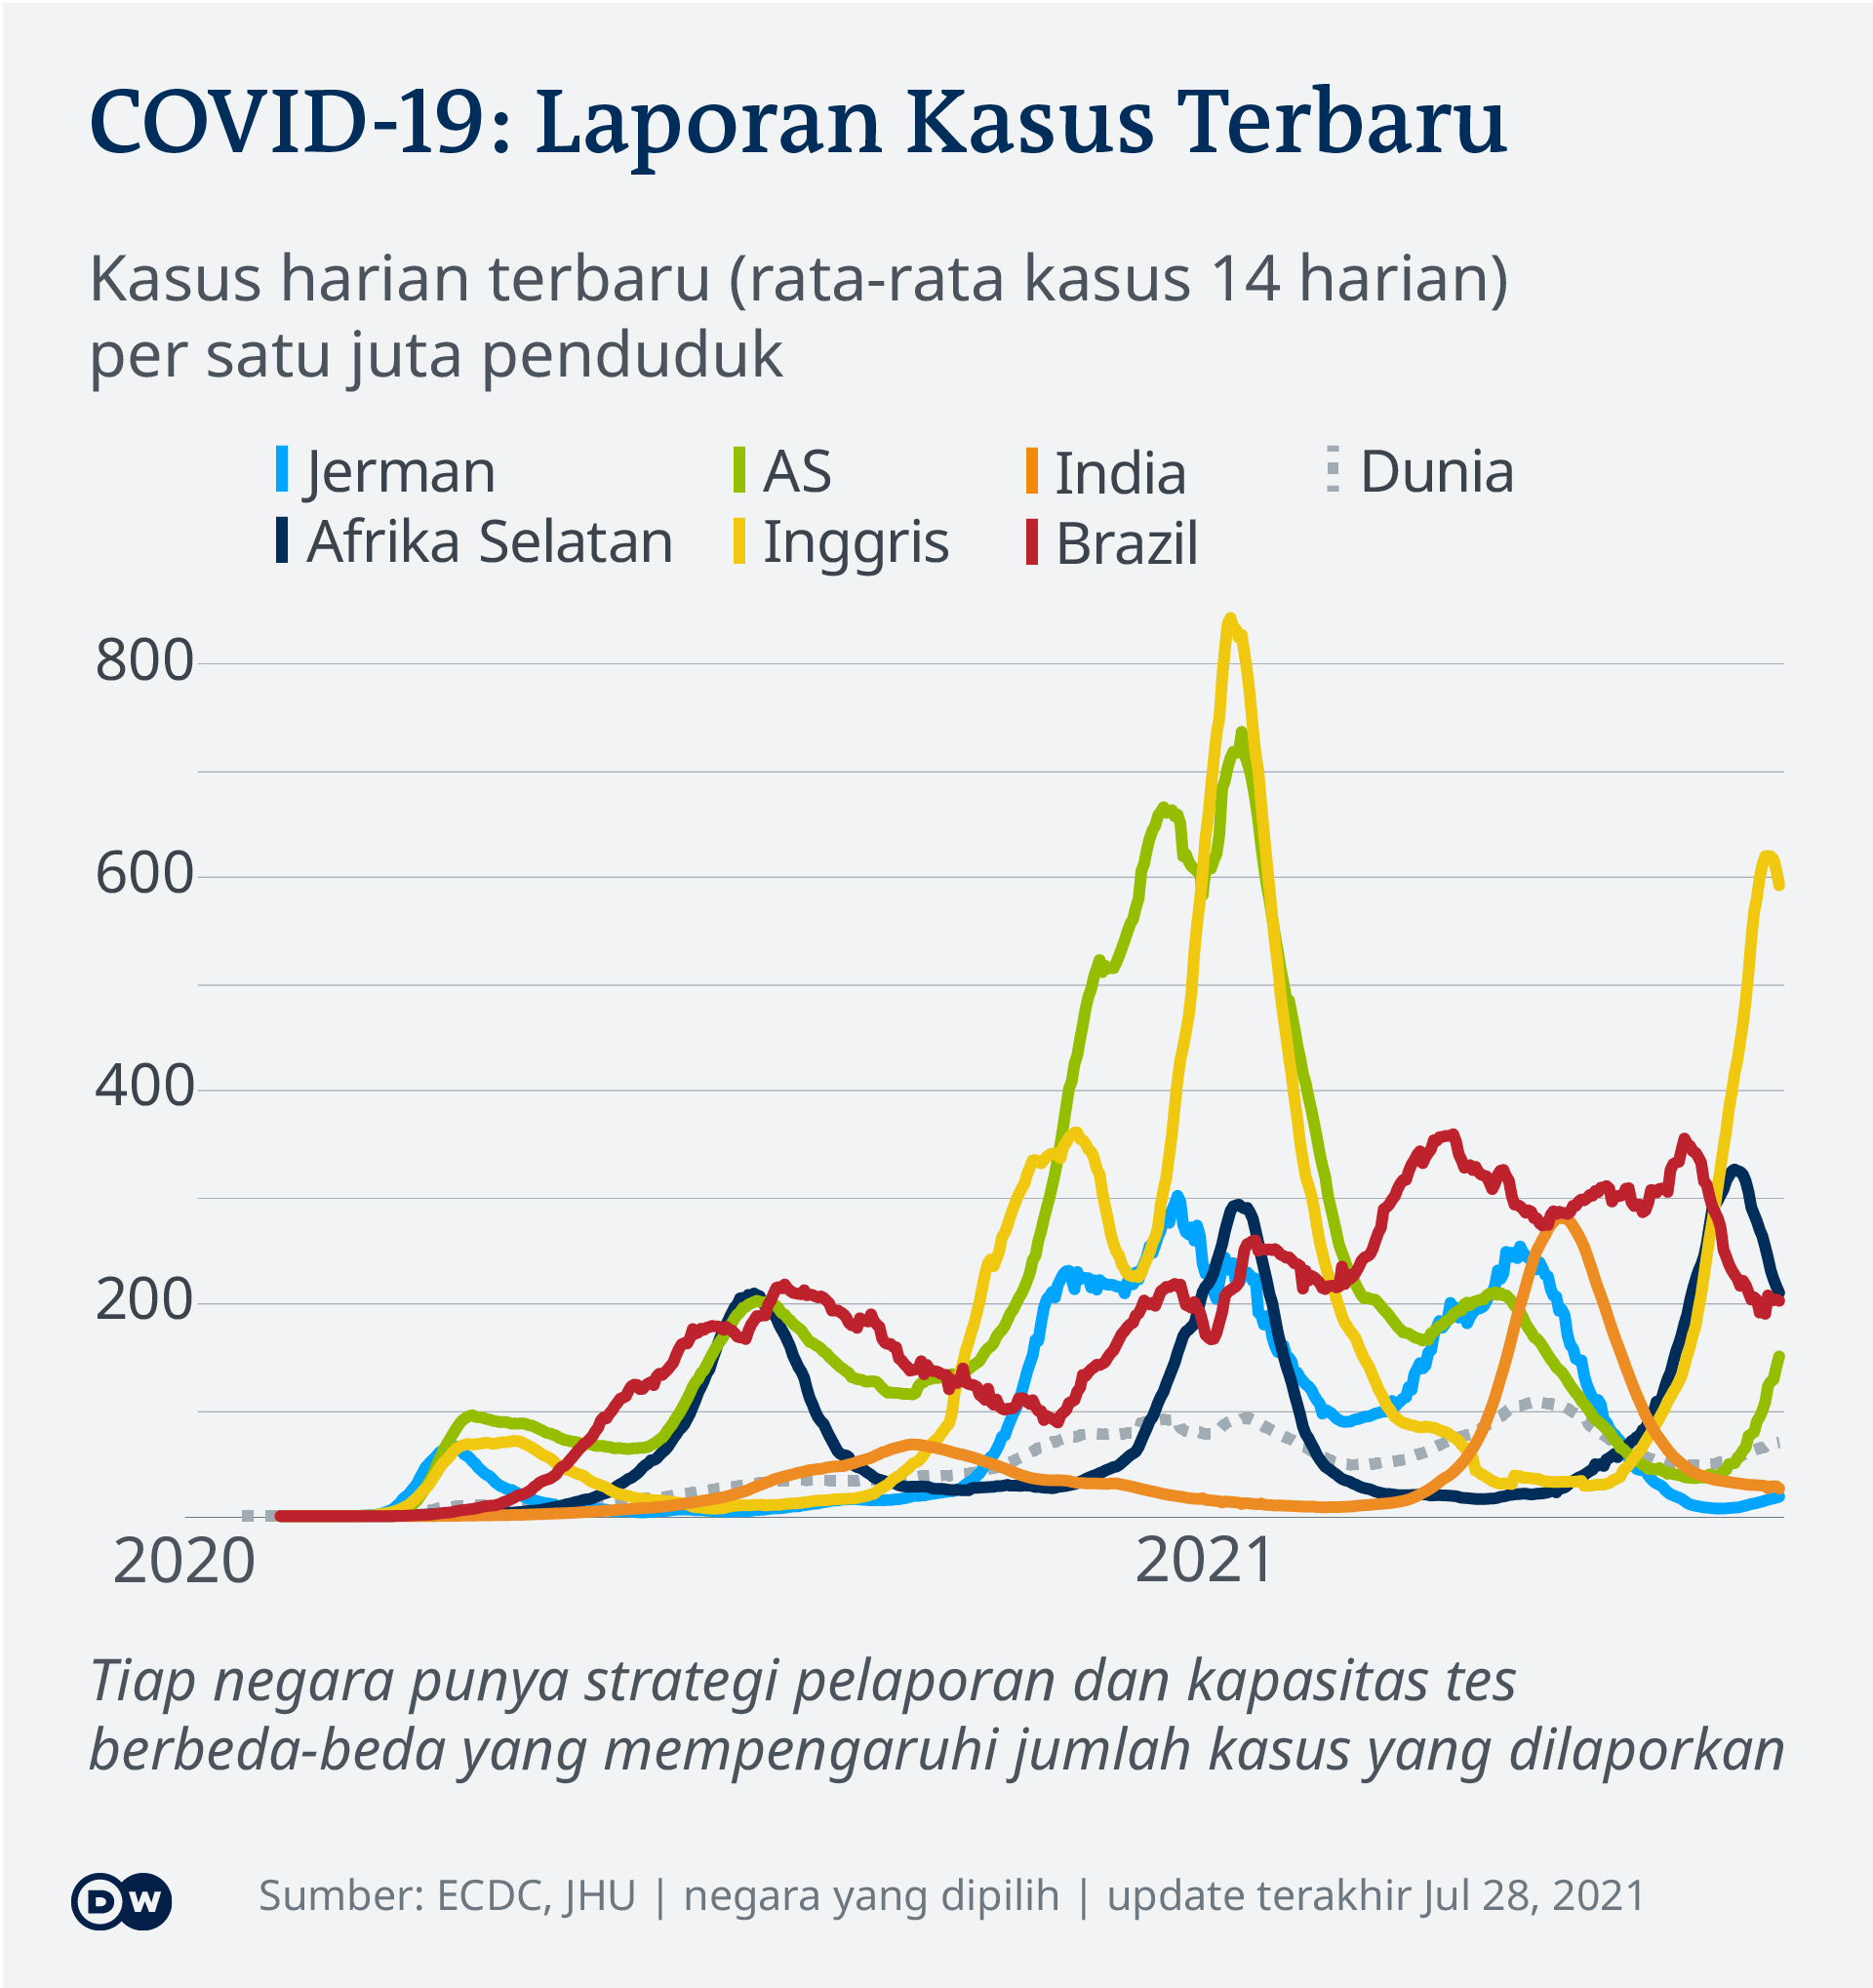 Perkembangan laju infeksi harian Covid-19 di beberapa negara sampai 28 Juli 2021